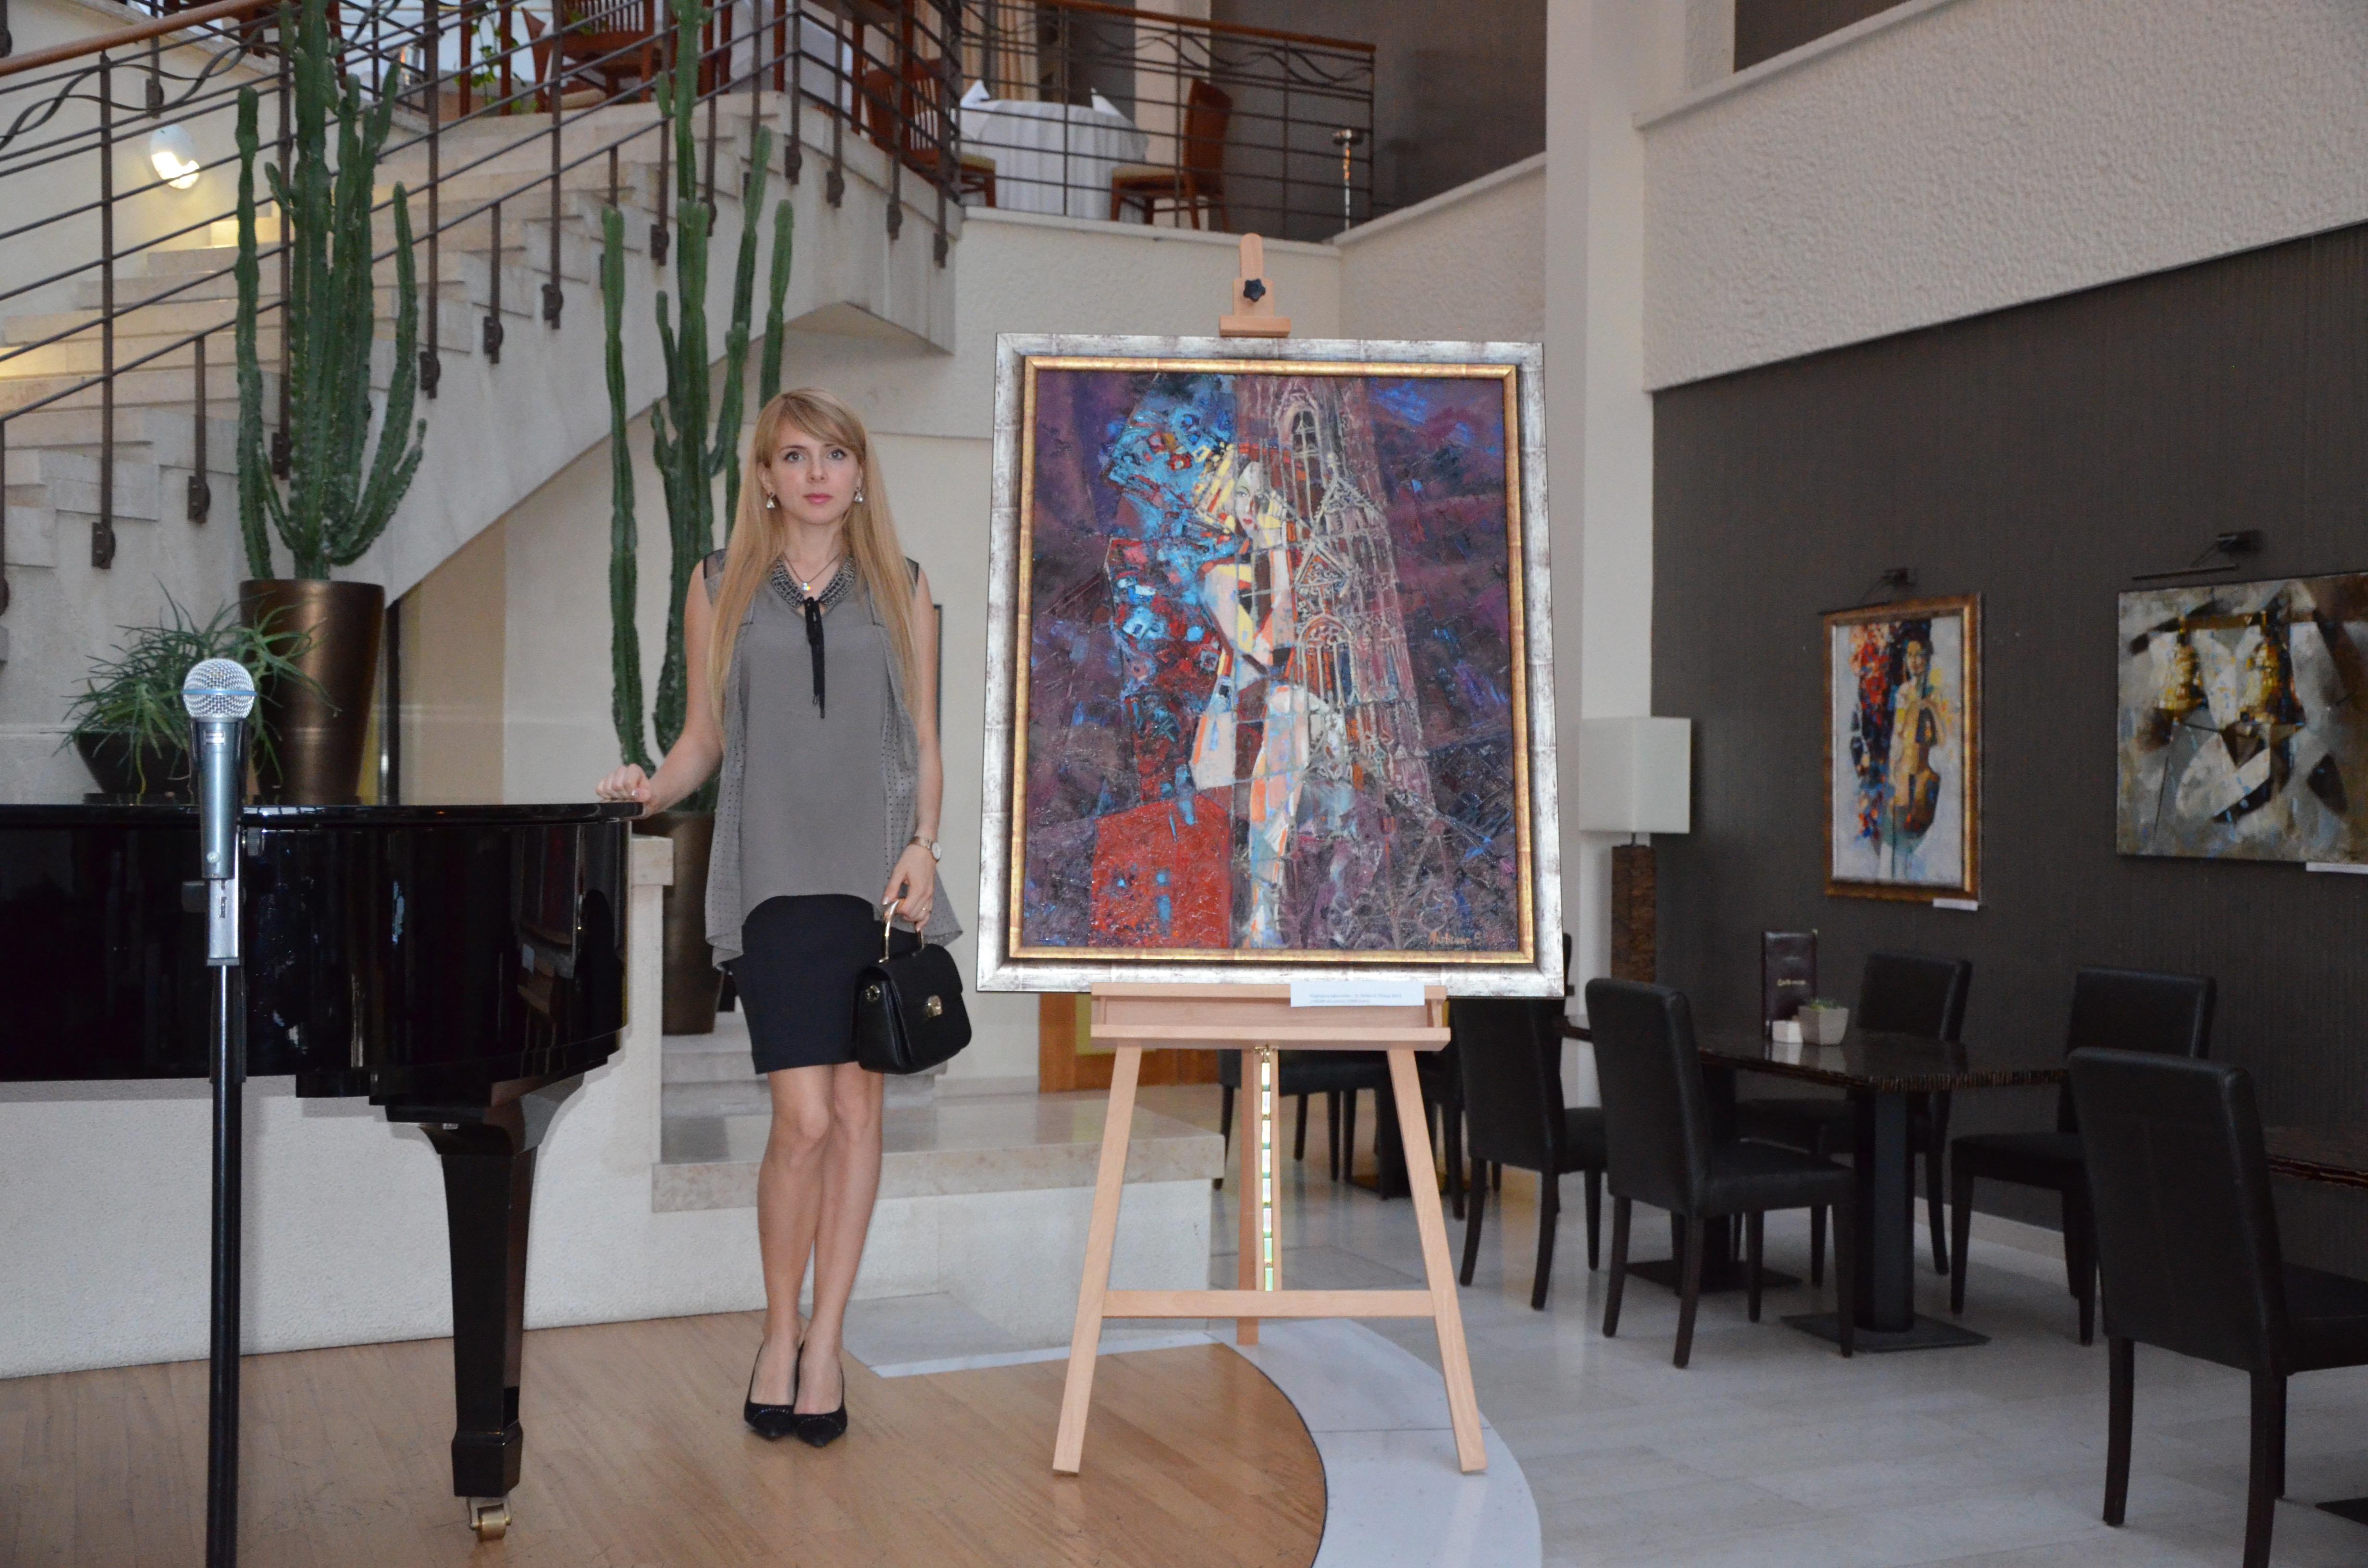 Hotel 5 stars in Portoroz